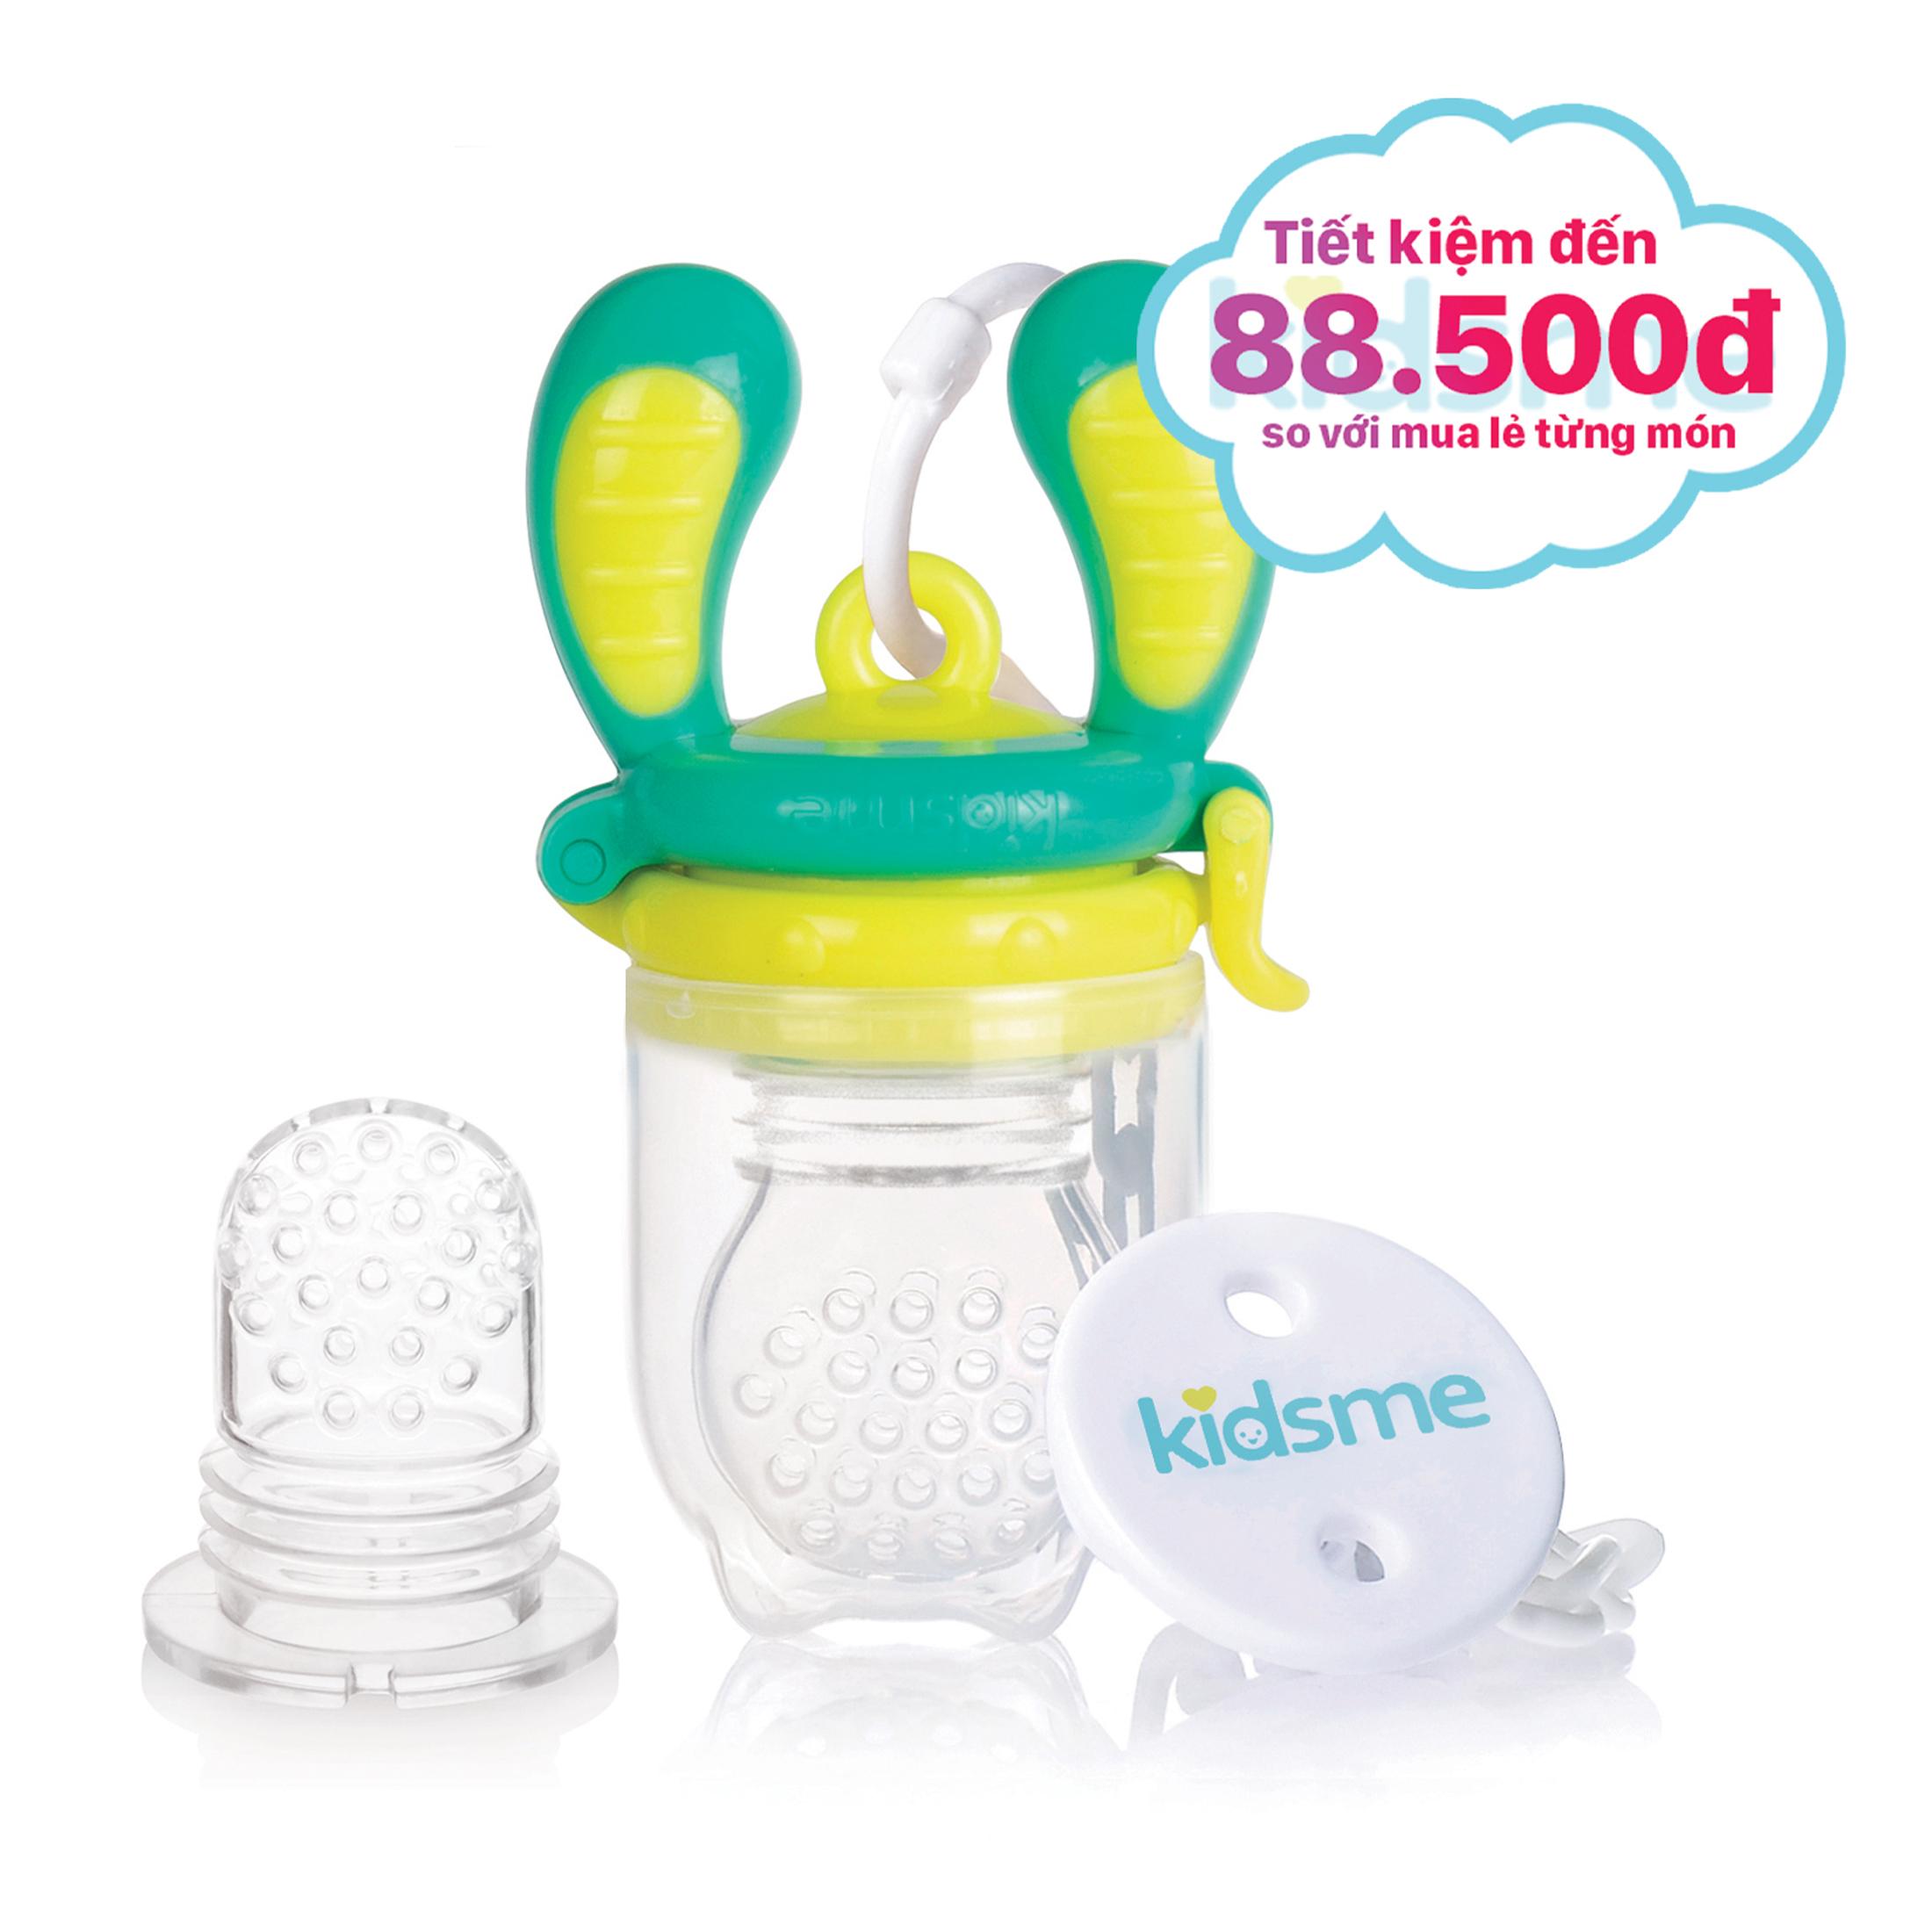 Bộ túi nhai chống hóc  Limited Edition Kidsme